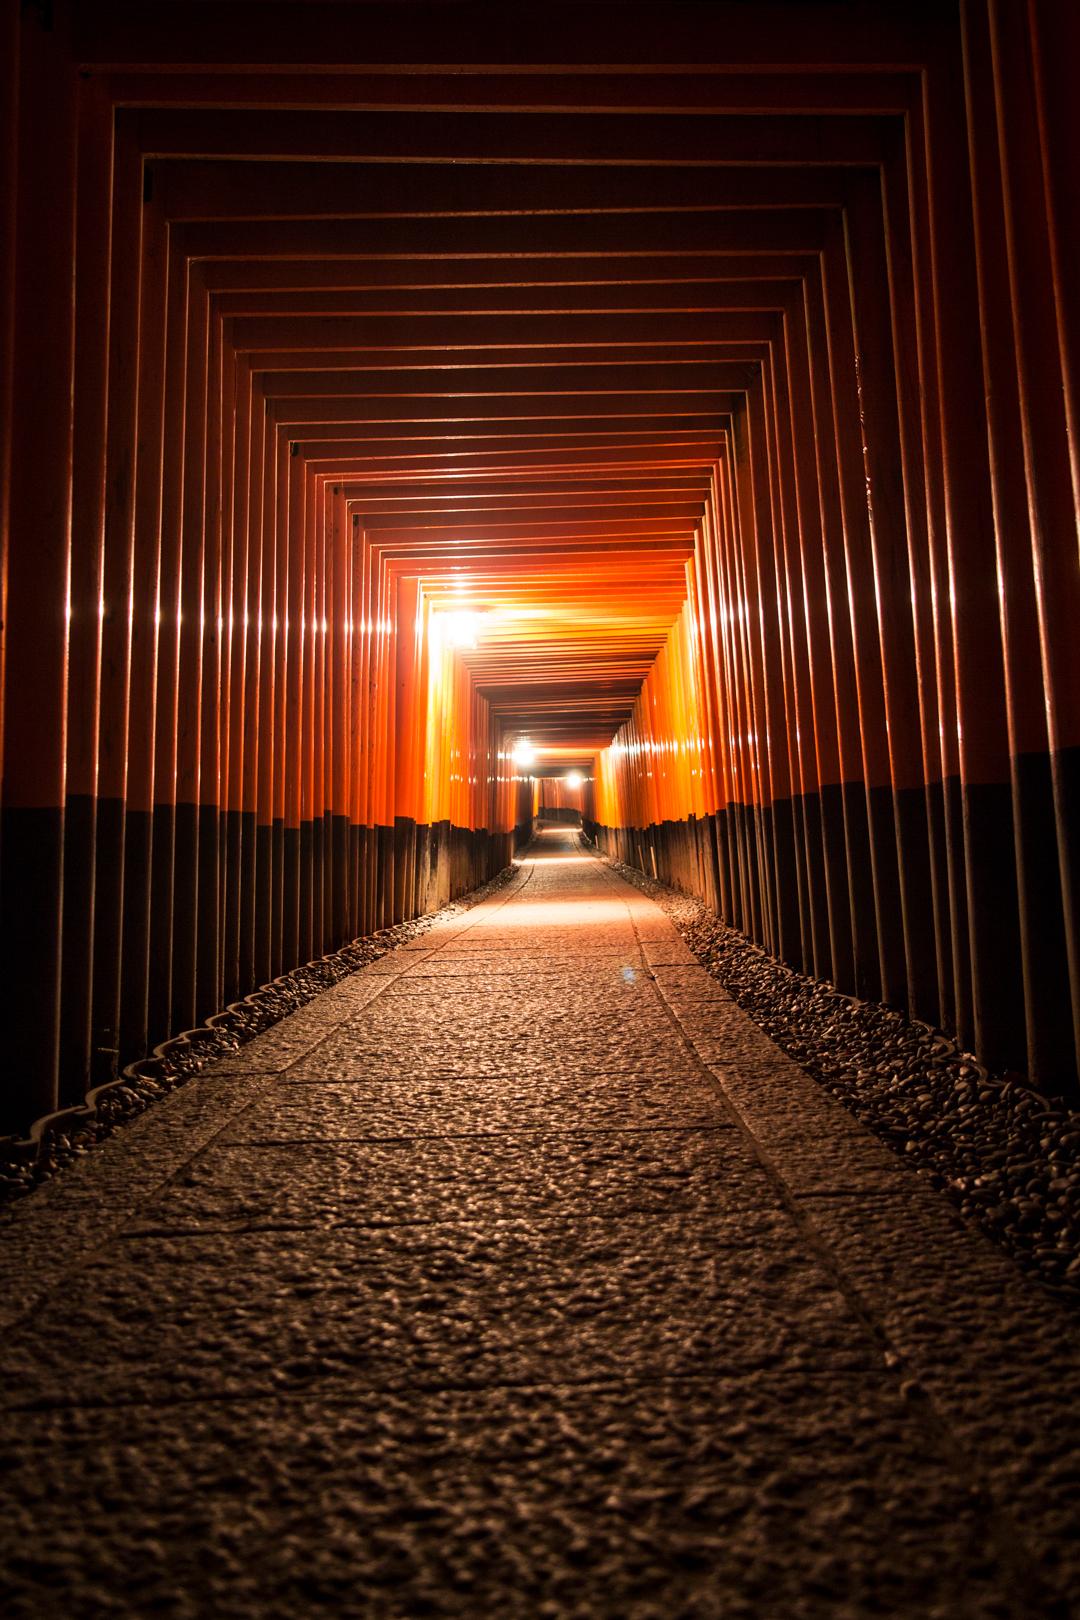 Fushimi Inari at Night